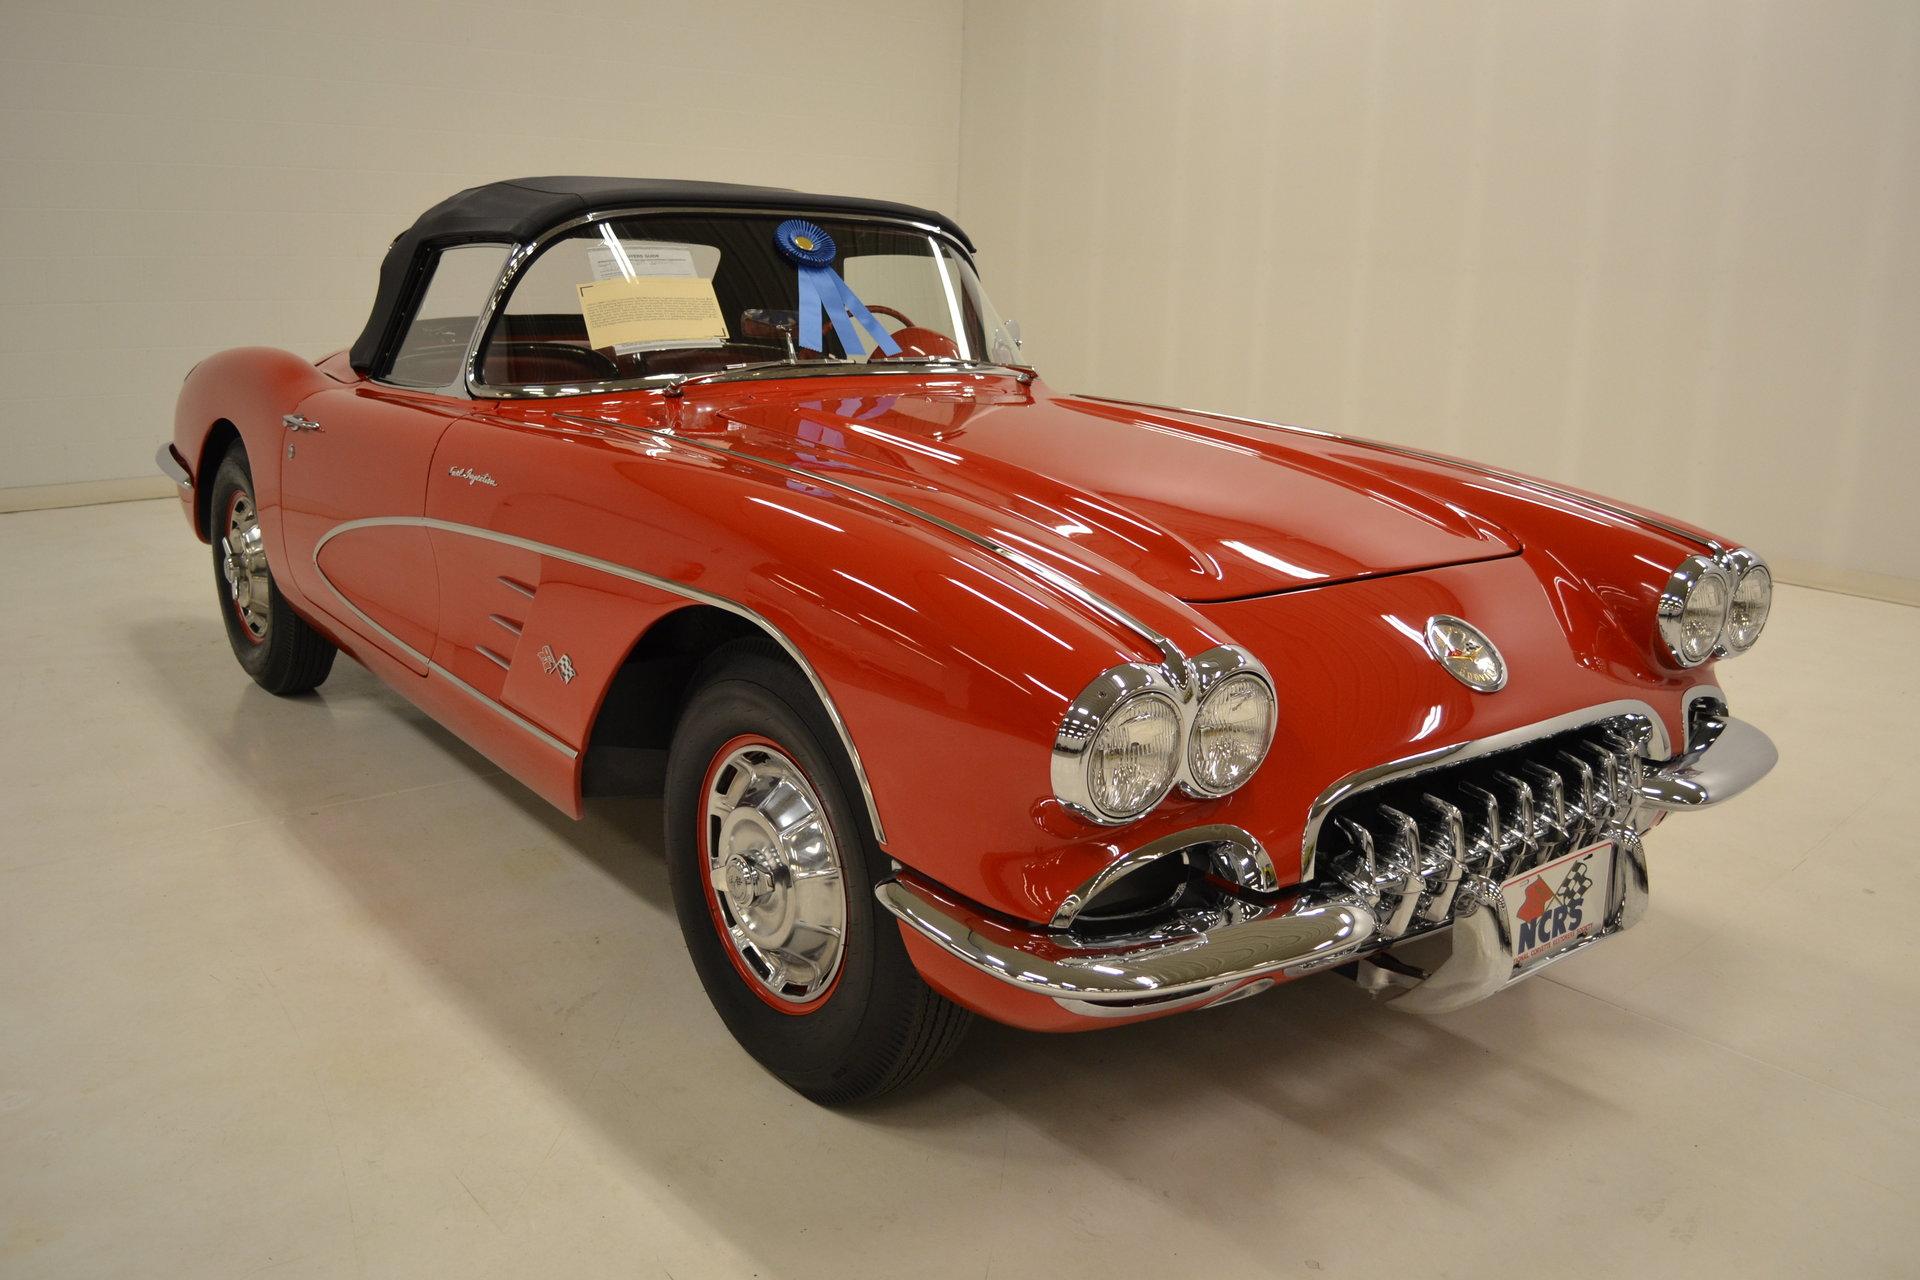 61056c20a2cbe hd 1959 chevrolet corvette